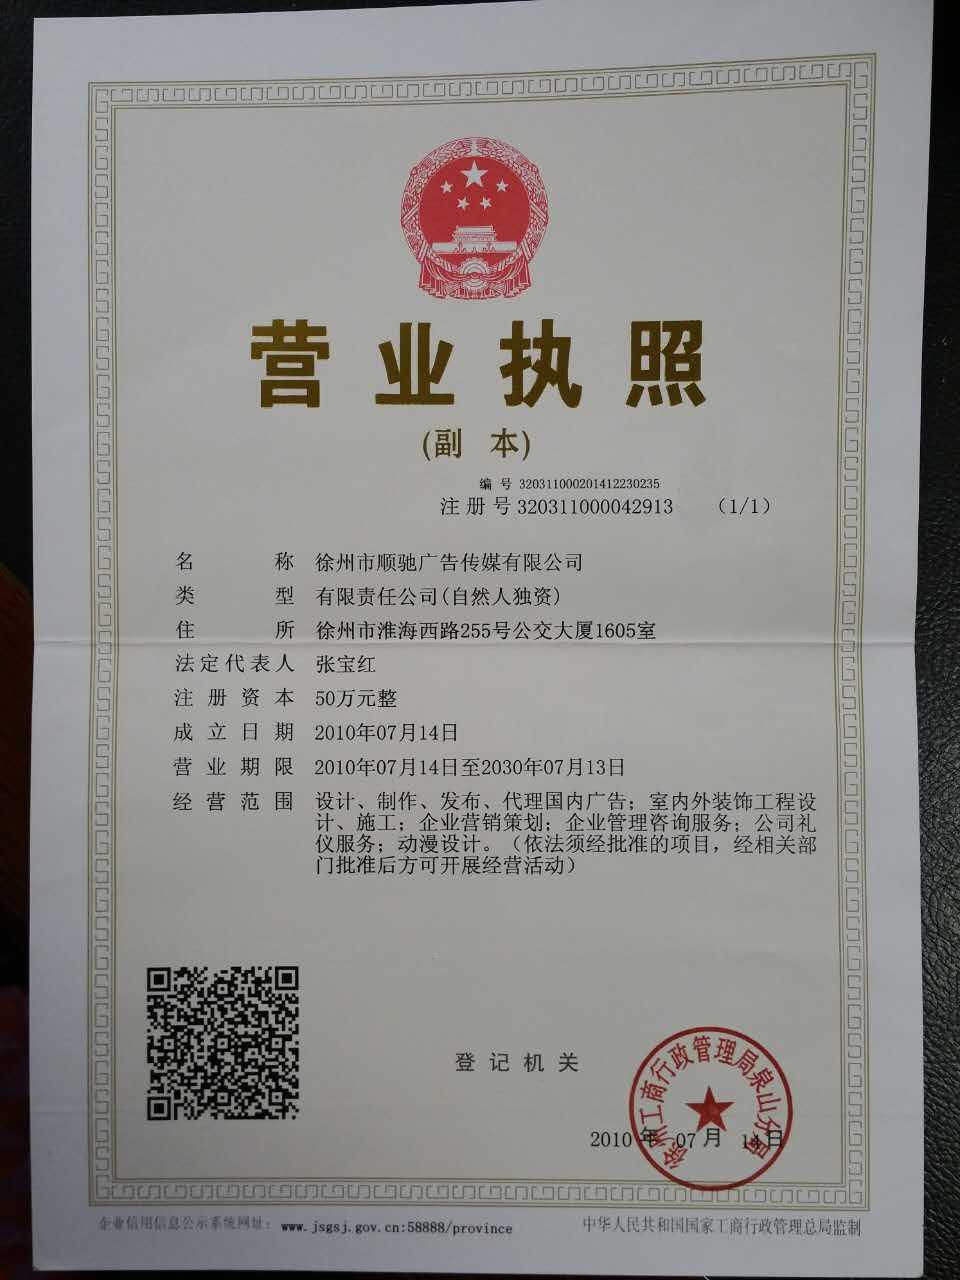 营业执照-徐州市顺驰广告传媒有限公司图201812695356图片